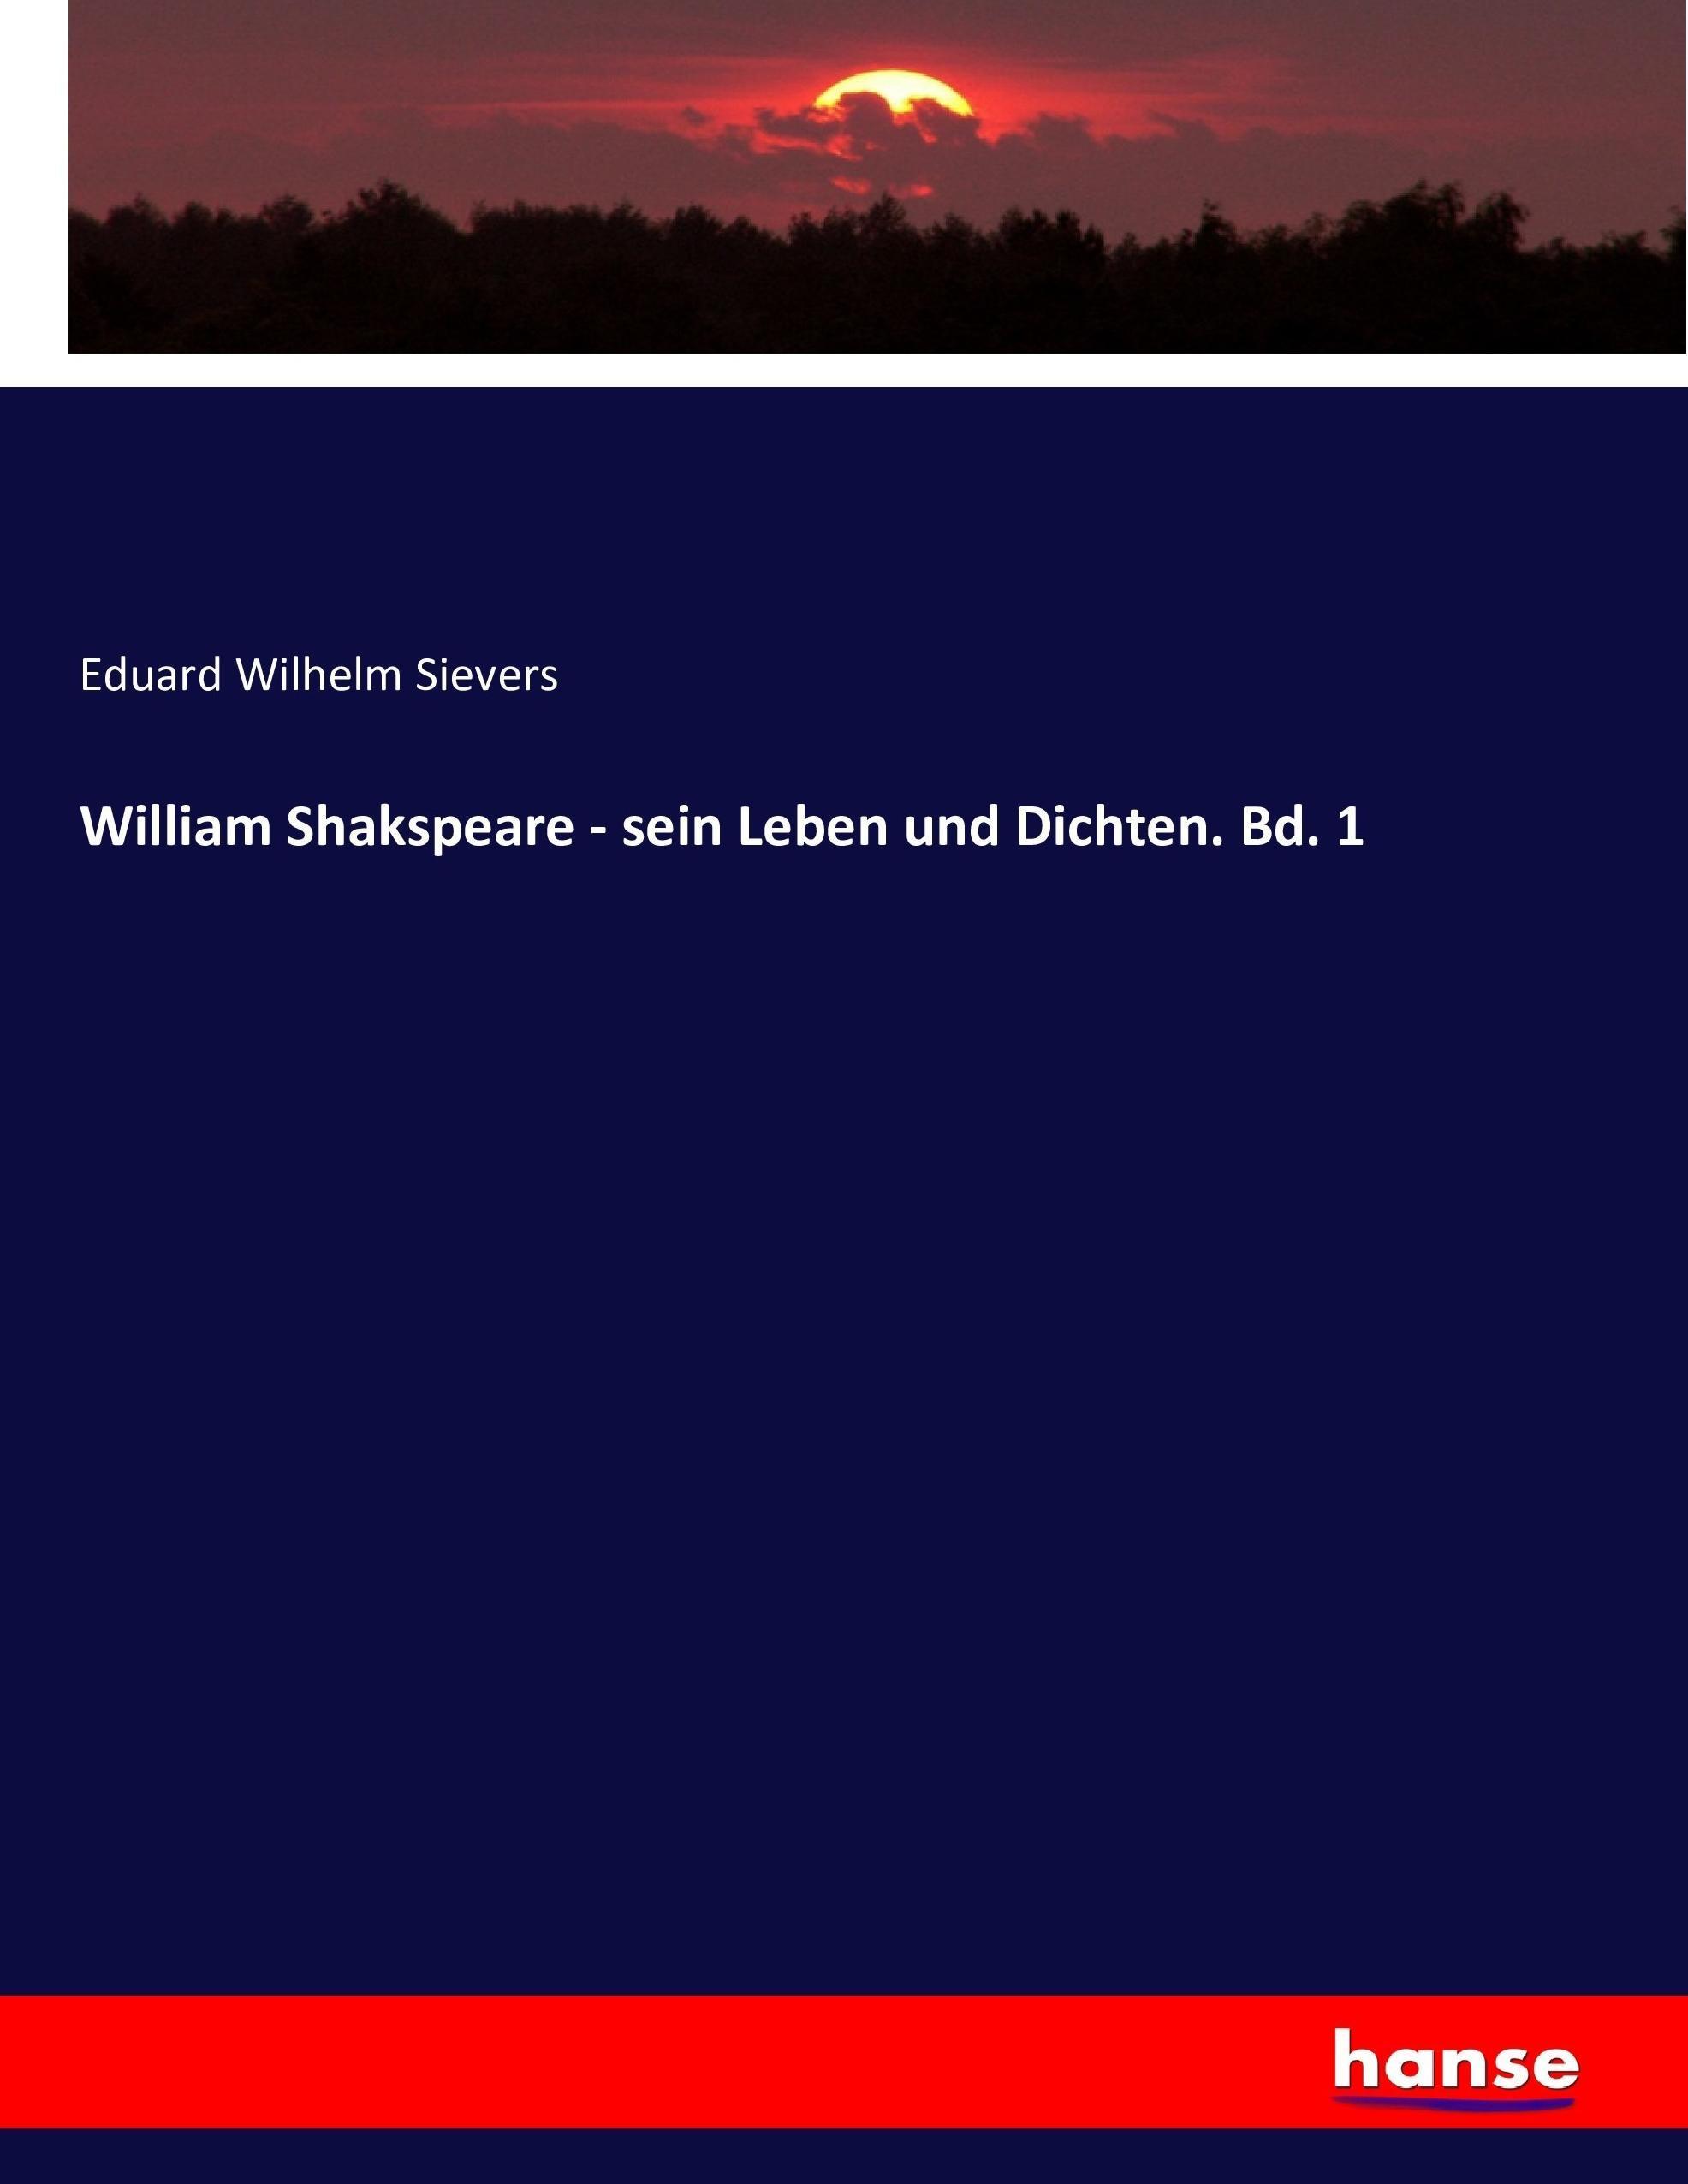 William Shakspeare - sein Leben und Dichten. Bd. 1 Eduard Wilhelm Sievers